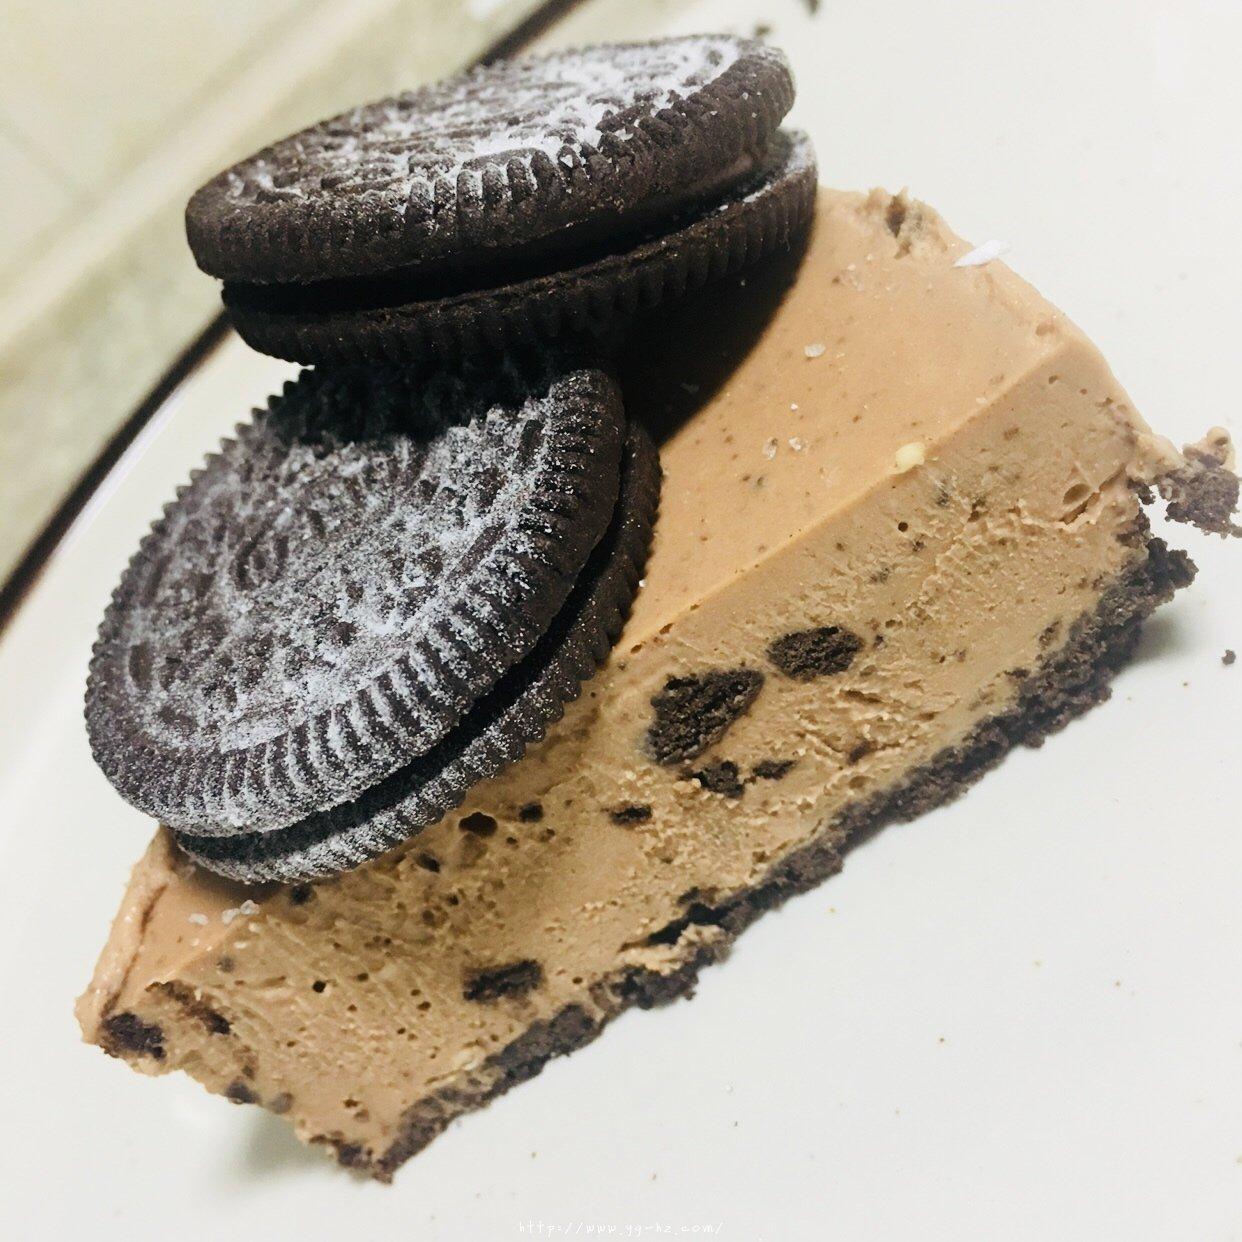 巧克力冰淇淋蛋糕(奥利奥)无敌快手简单的做法 步骤14